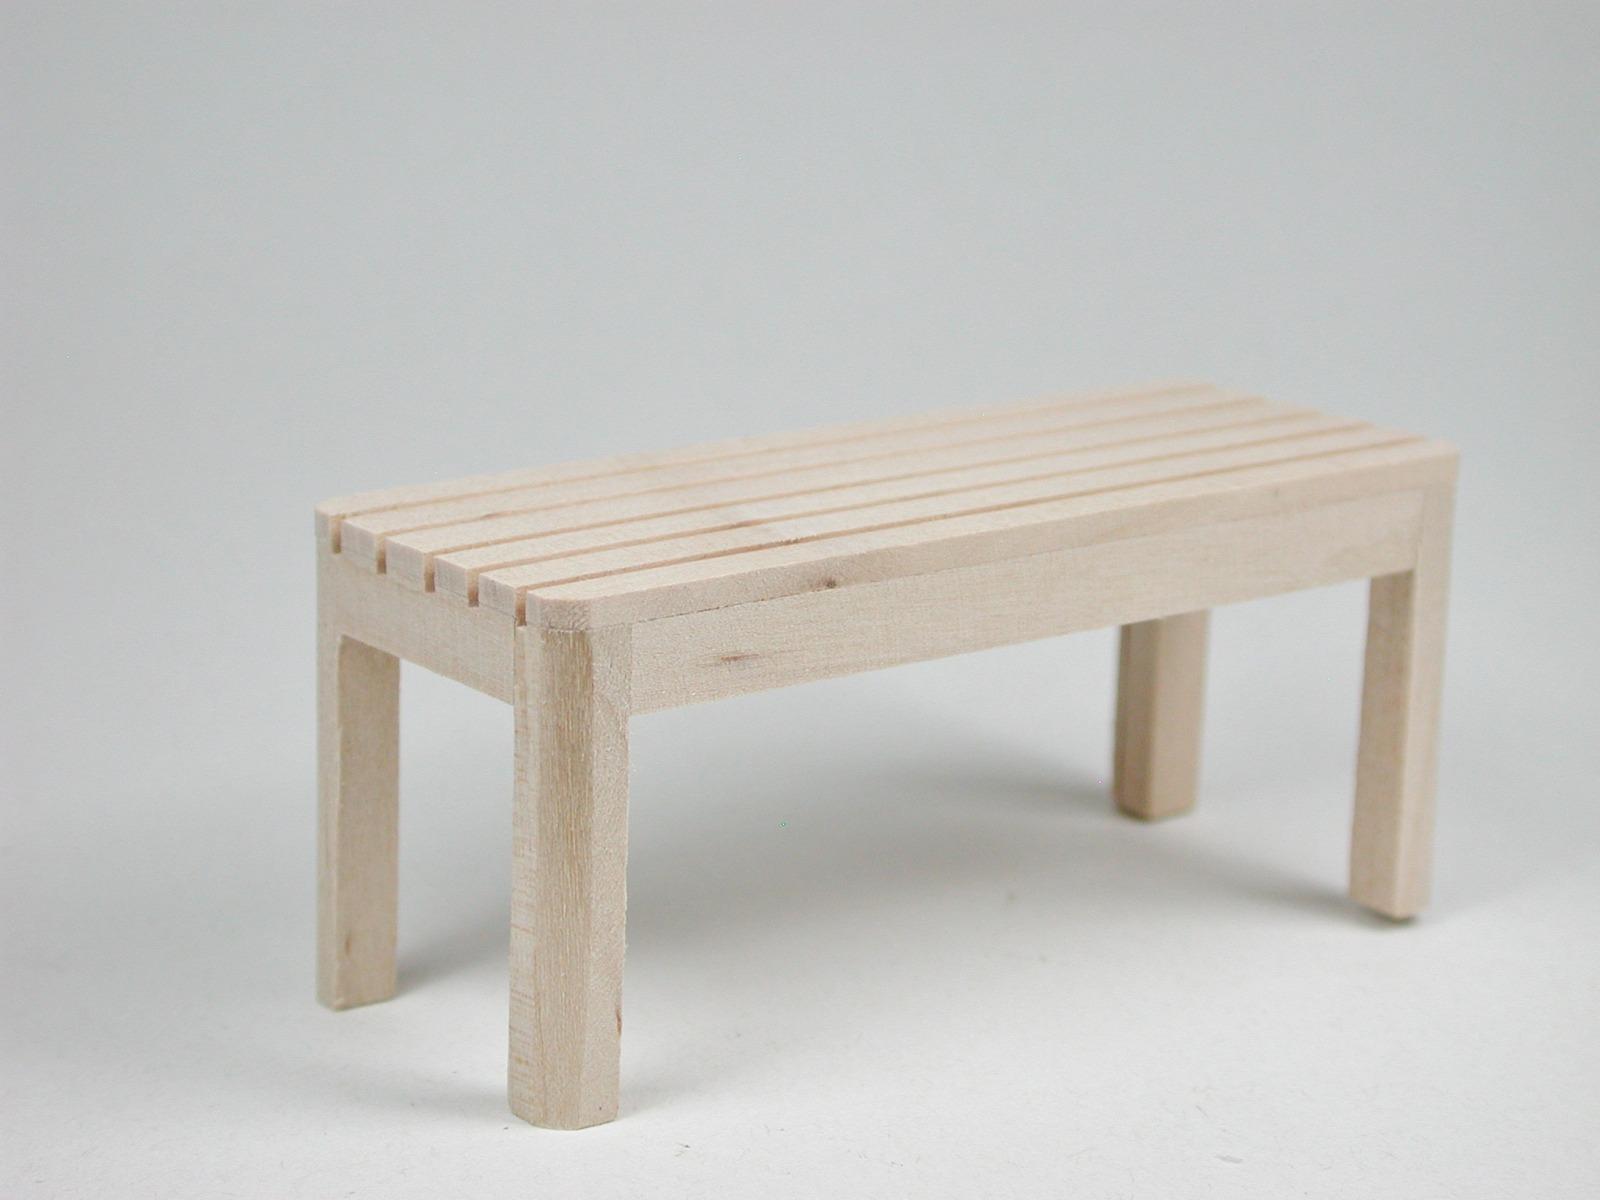 Gartentisch für die Puppenstube das Puppenhaus